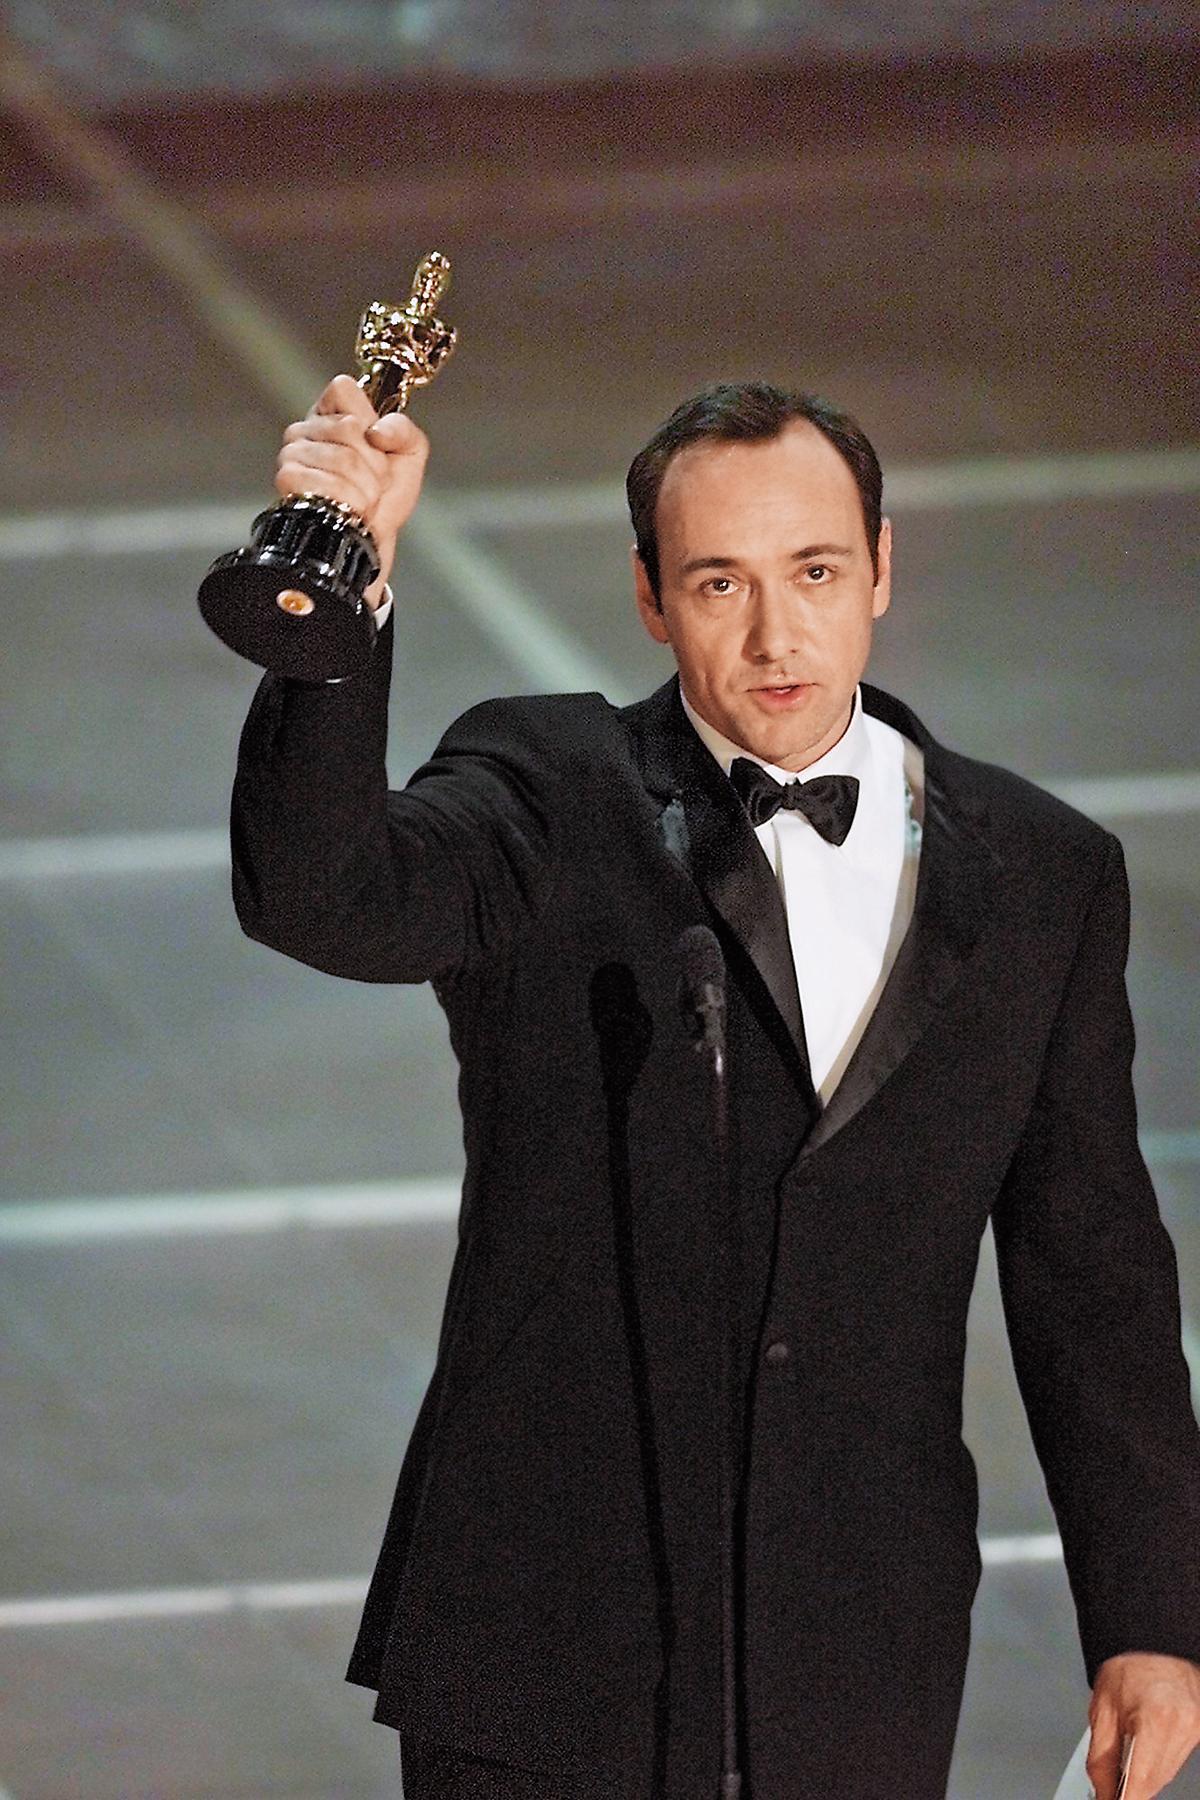 擁有2座奧斯卡獎、東尼獎、艾美獎,凱文史貝西當年以《美國心玫瑰情》幾乎橫掃所有演技獎項。 (東方IC)